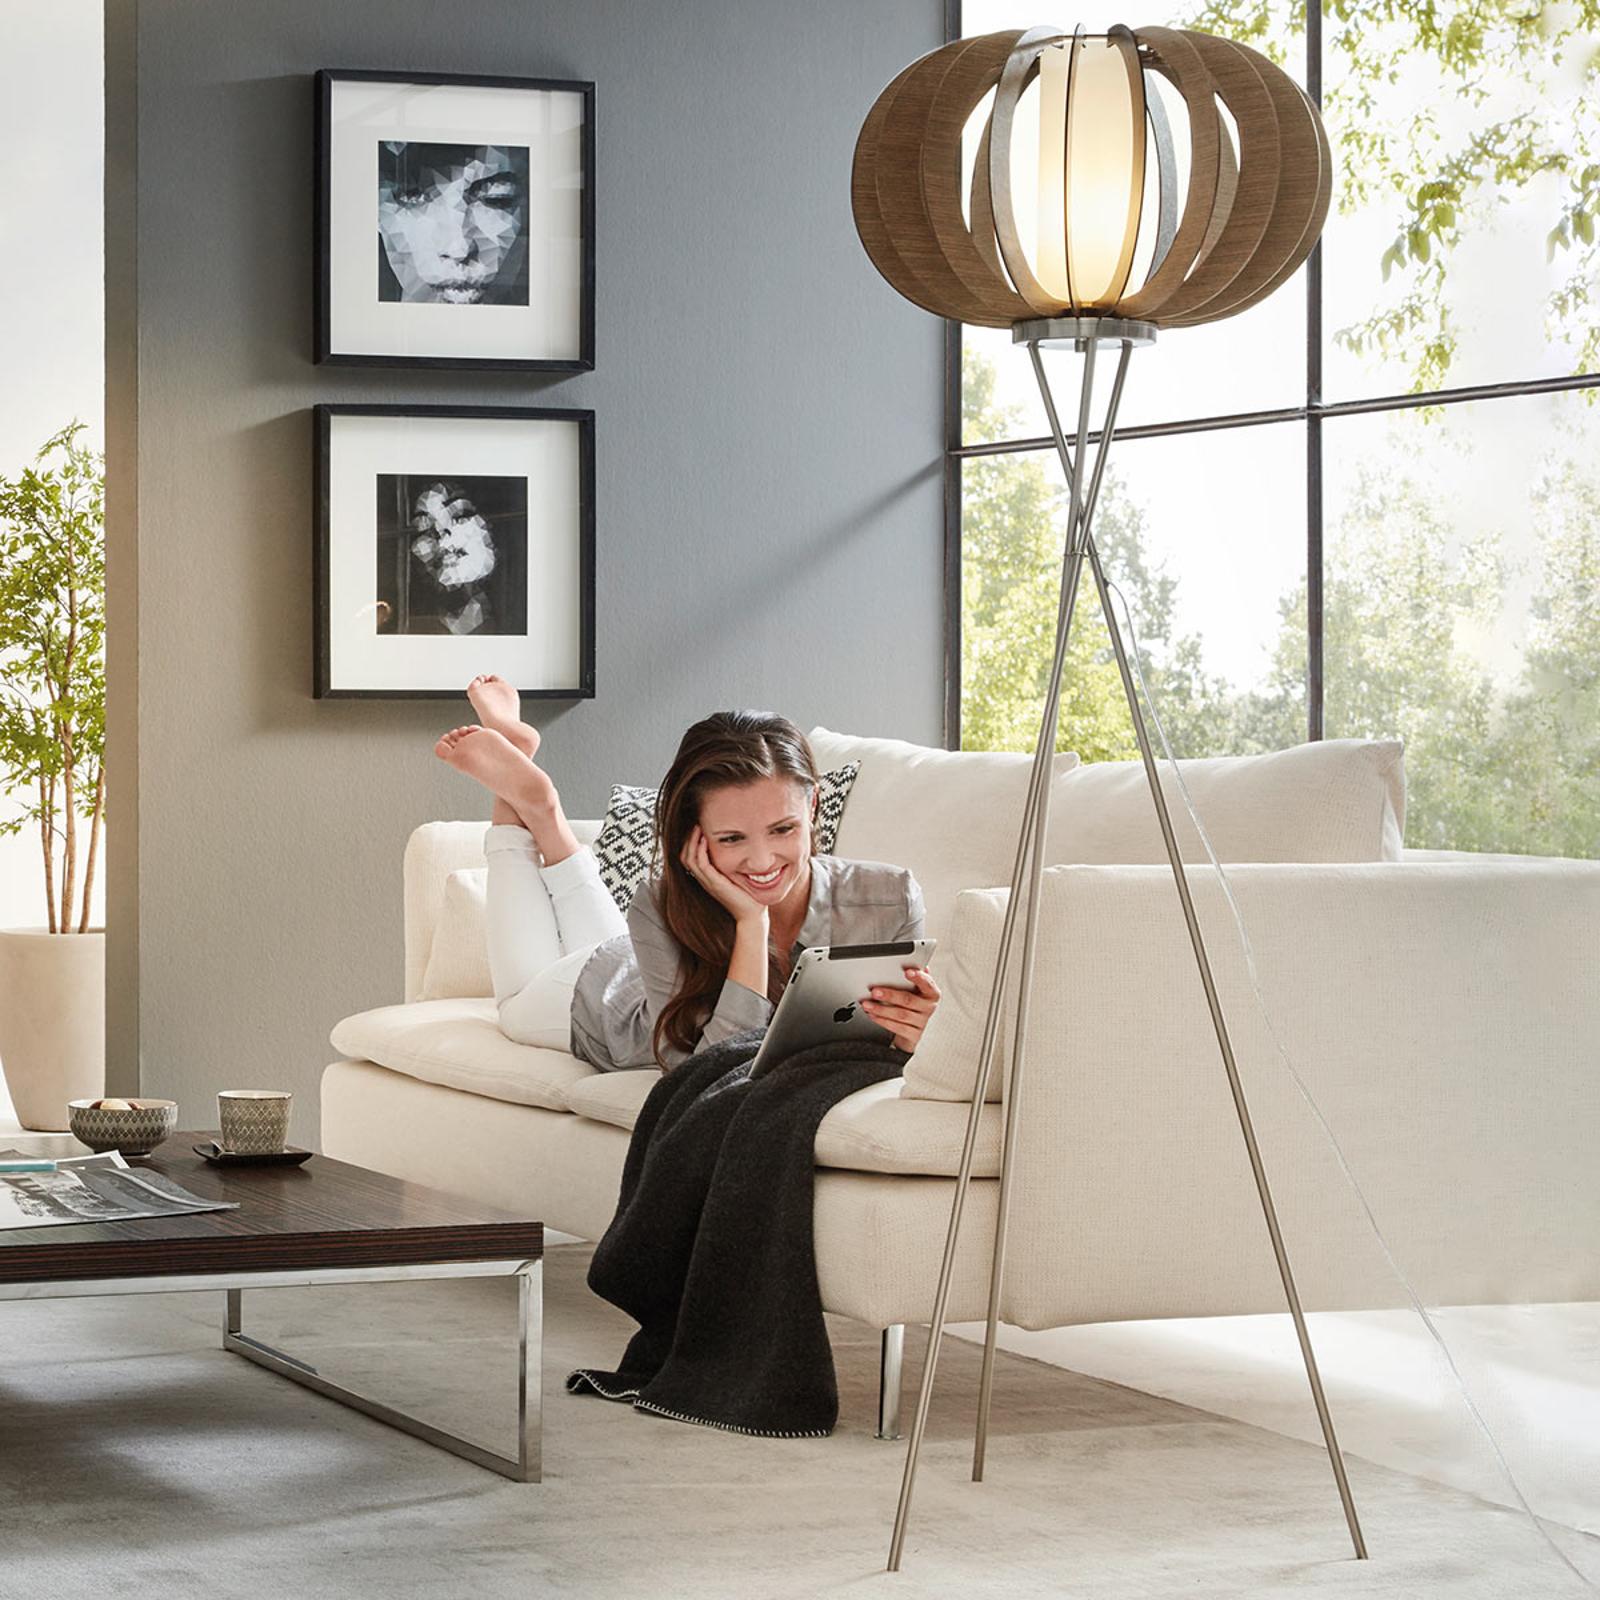 Lampa stojąca Stellato z drewnianymi lamelkami